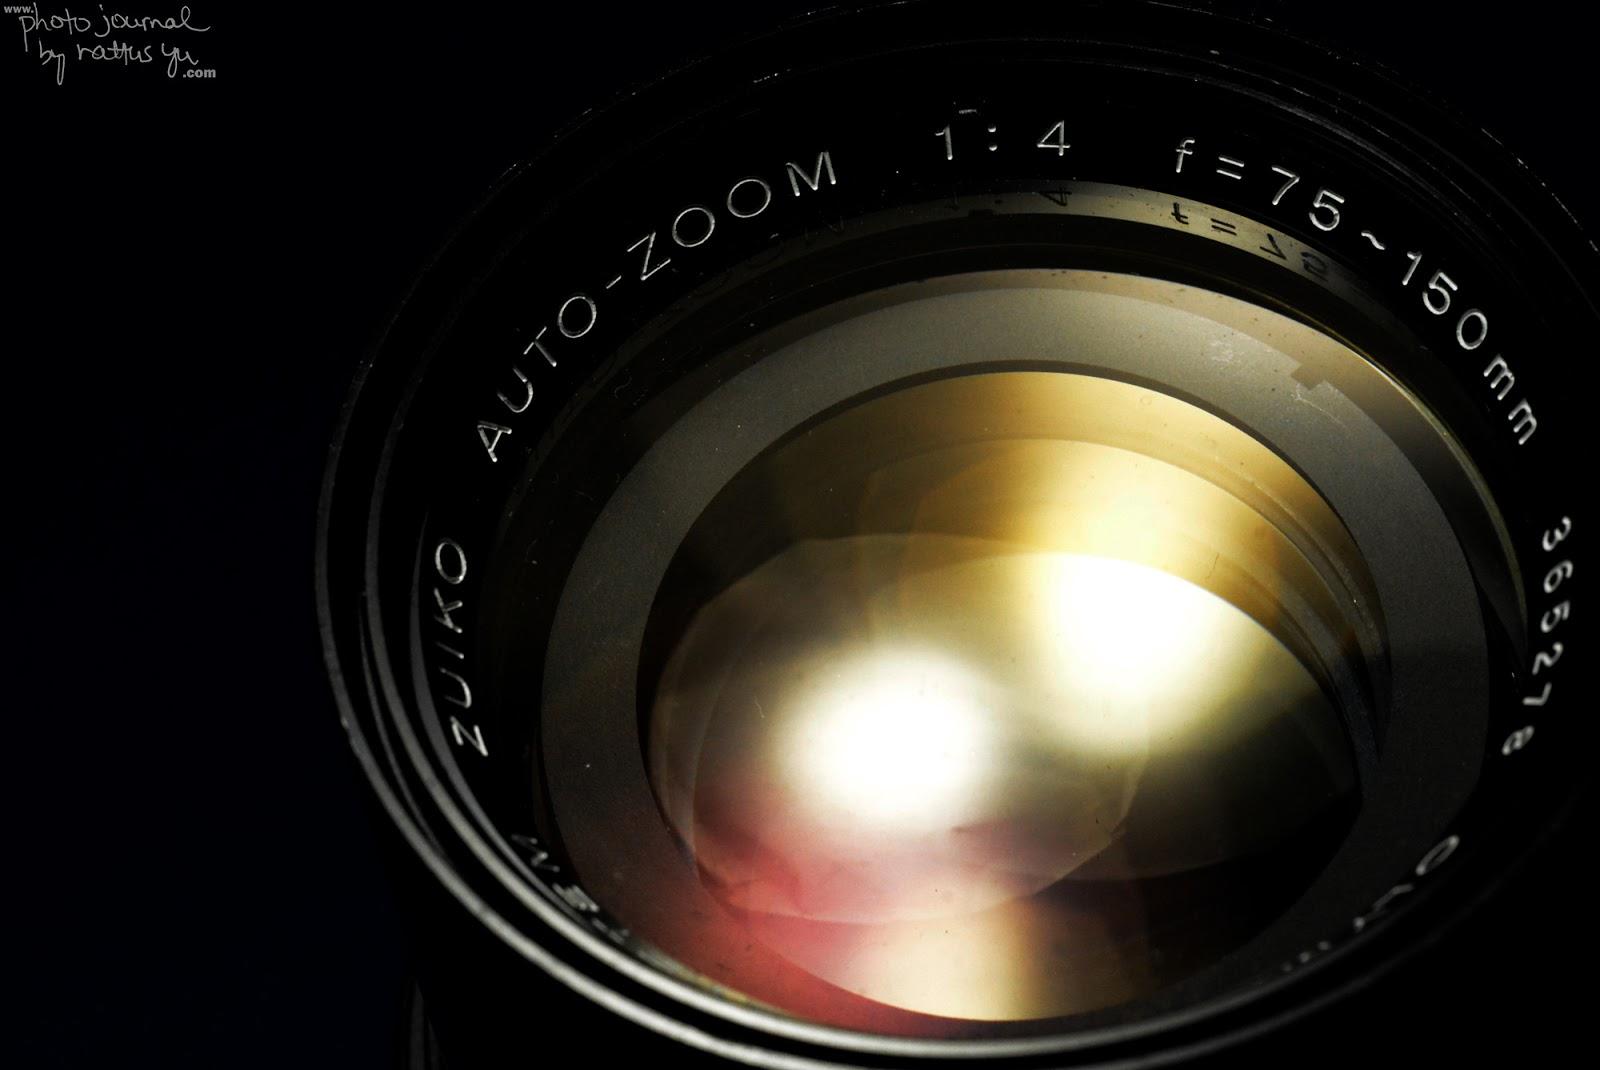 Olympus Zuiko 75-150mm f/4 (Nikon mount)